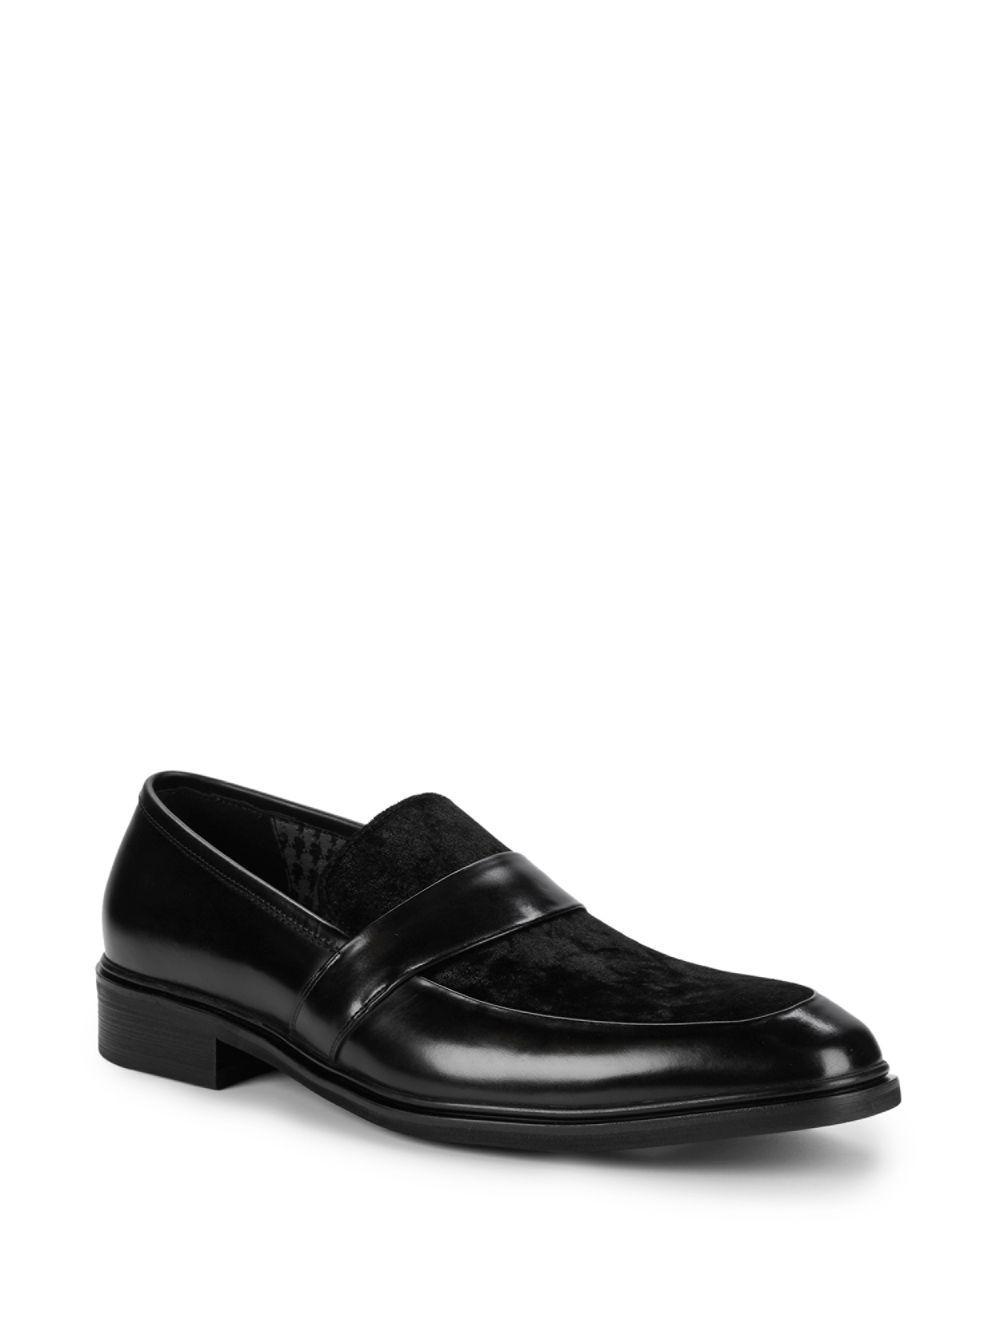 228437606c2 Lyst - Karl Lagerfeld Leather   Velvet Loafers in Black for Men